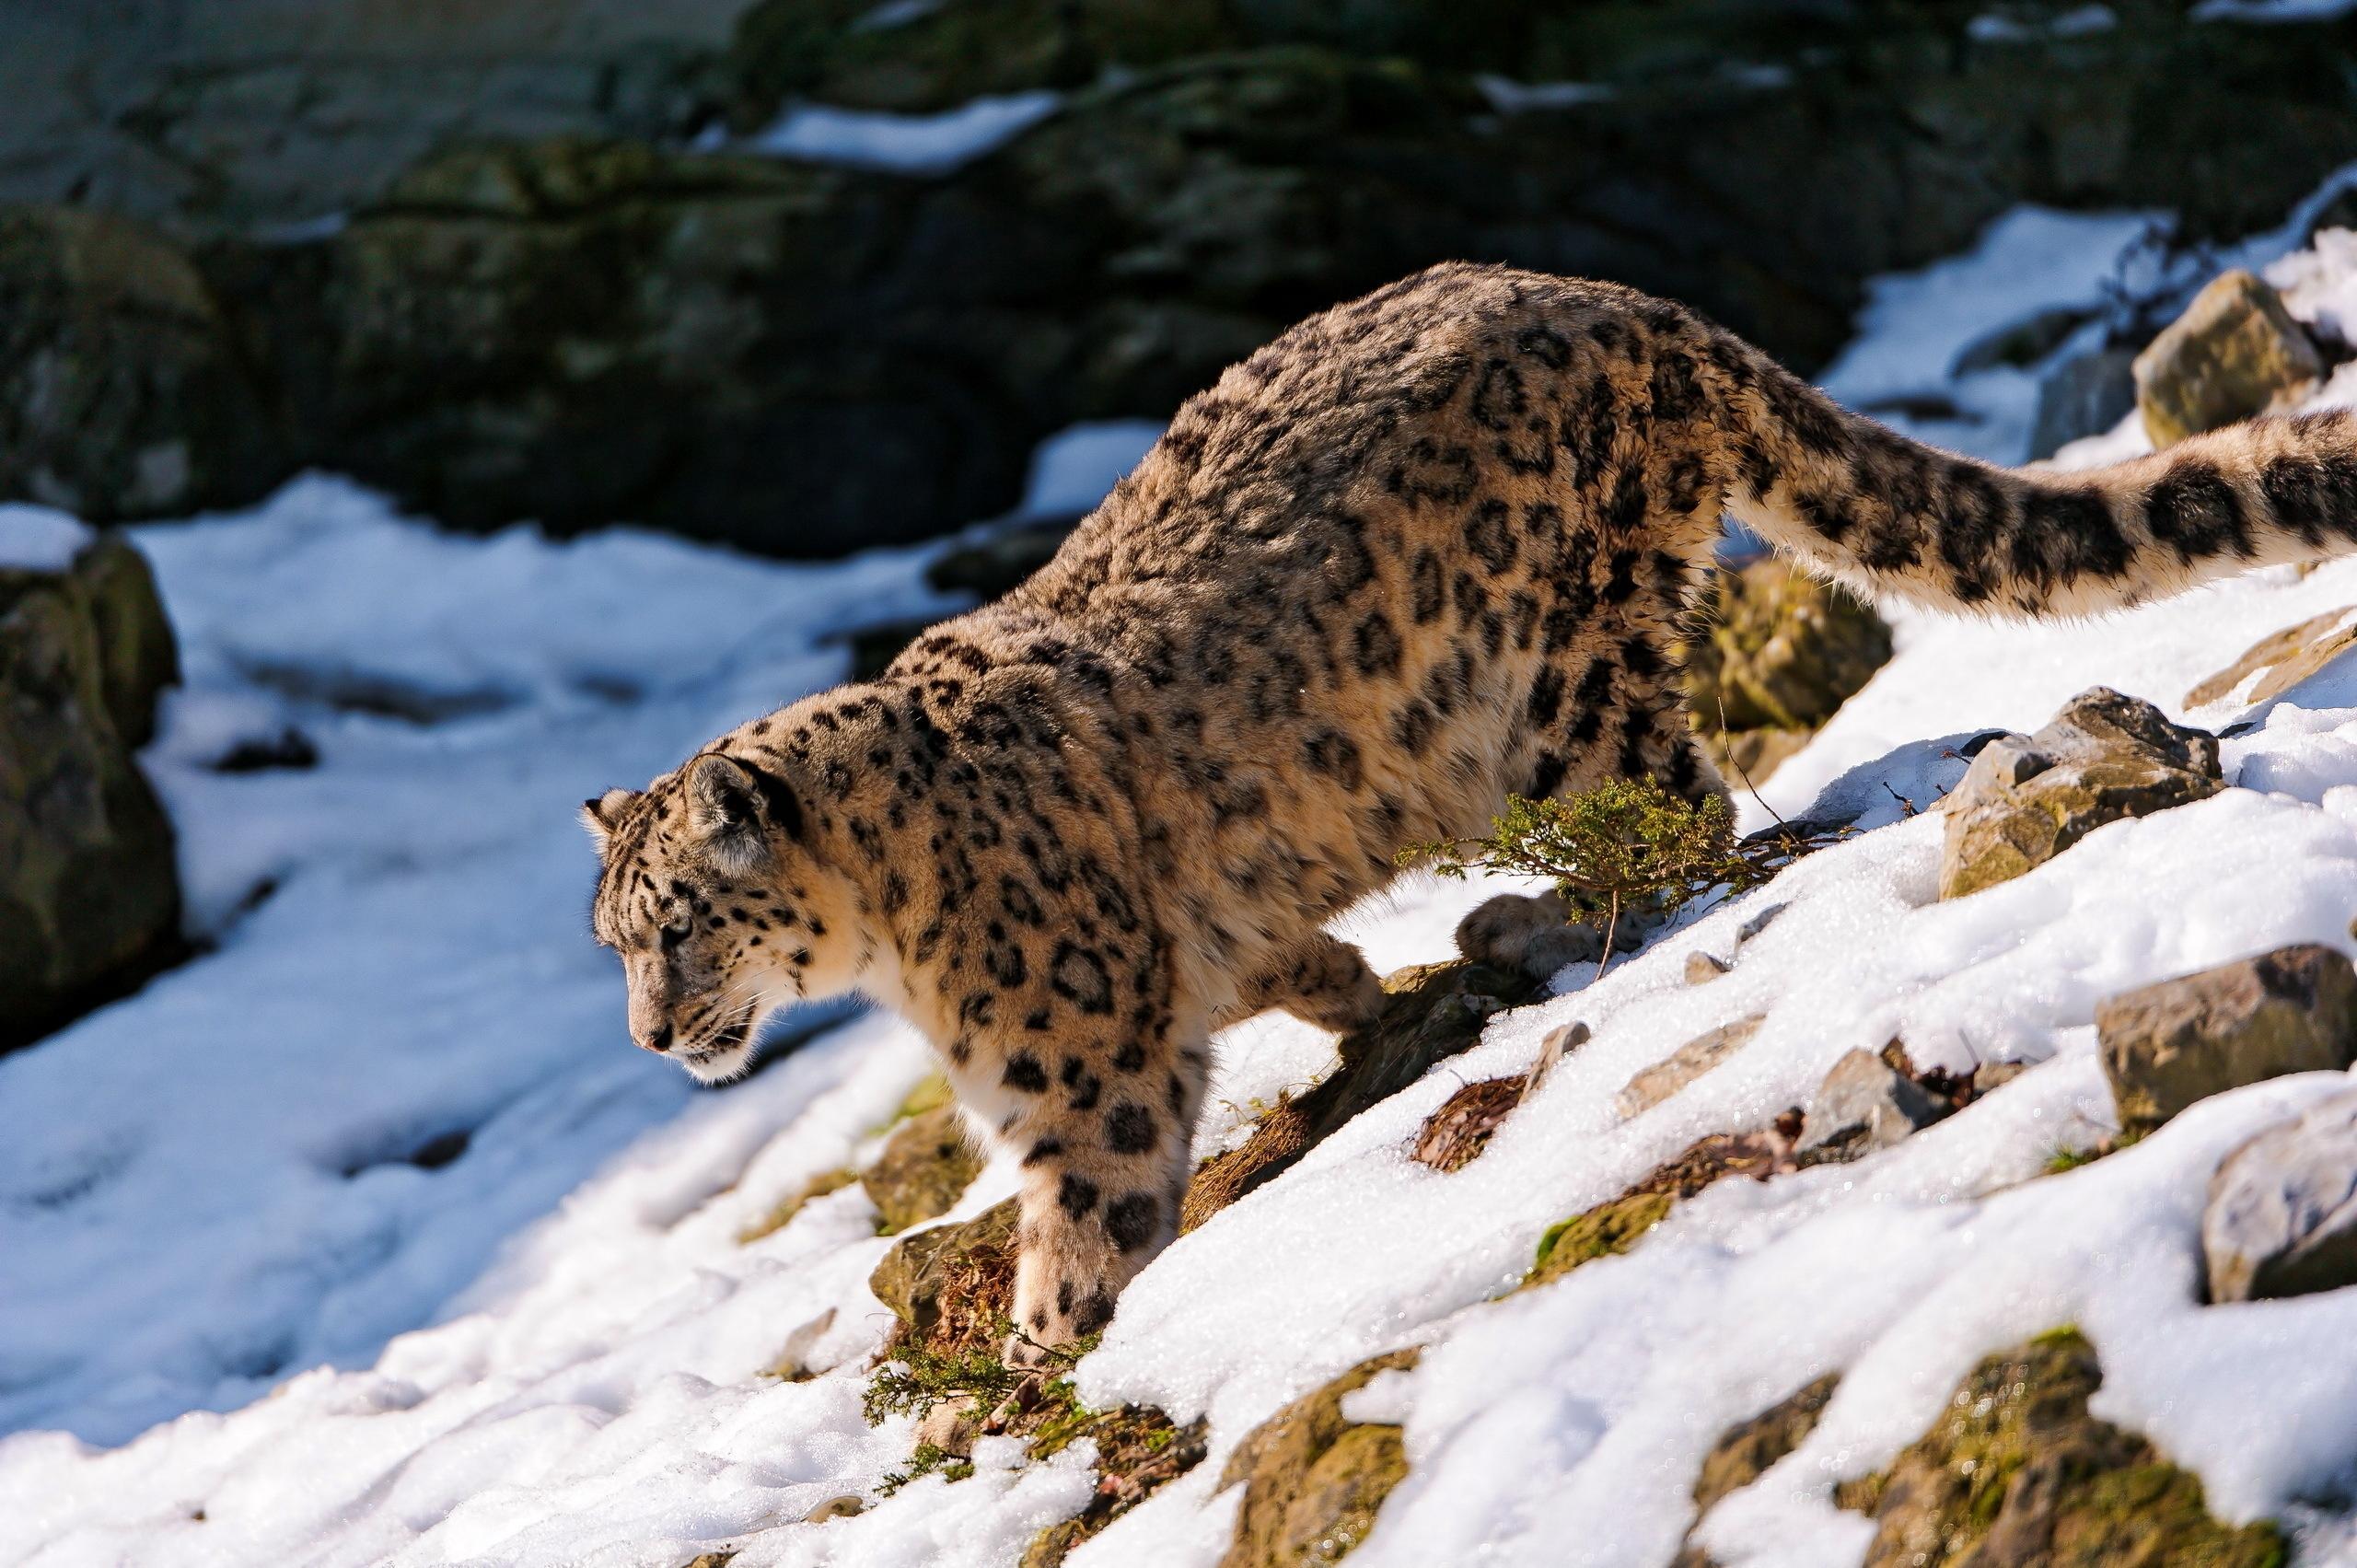 130364 Hintergrundbild herunterladen Schneeleopard, Tiere, Schnee, Wald, Bummel, Spaziergang, Abstammung, Abstieg - Bildschirmschoner und Bilder kostenlos